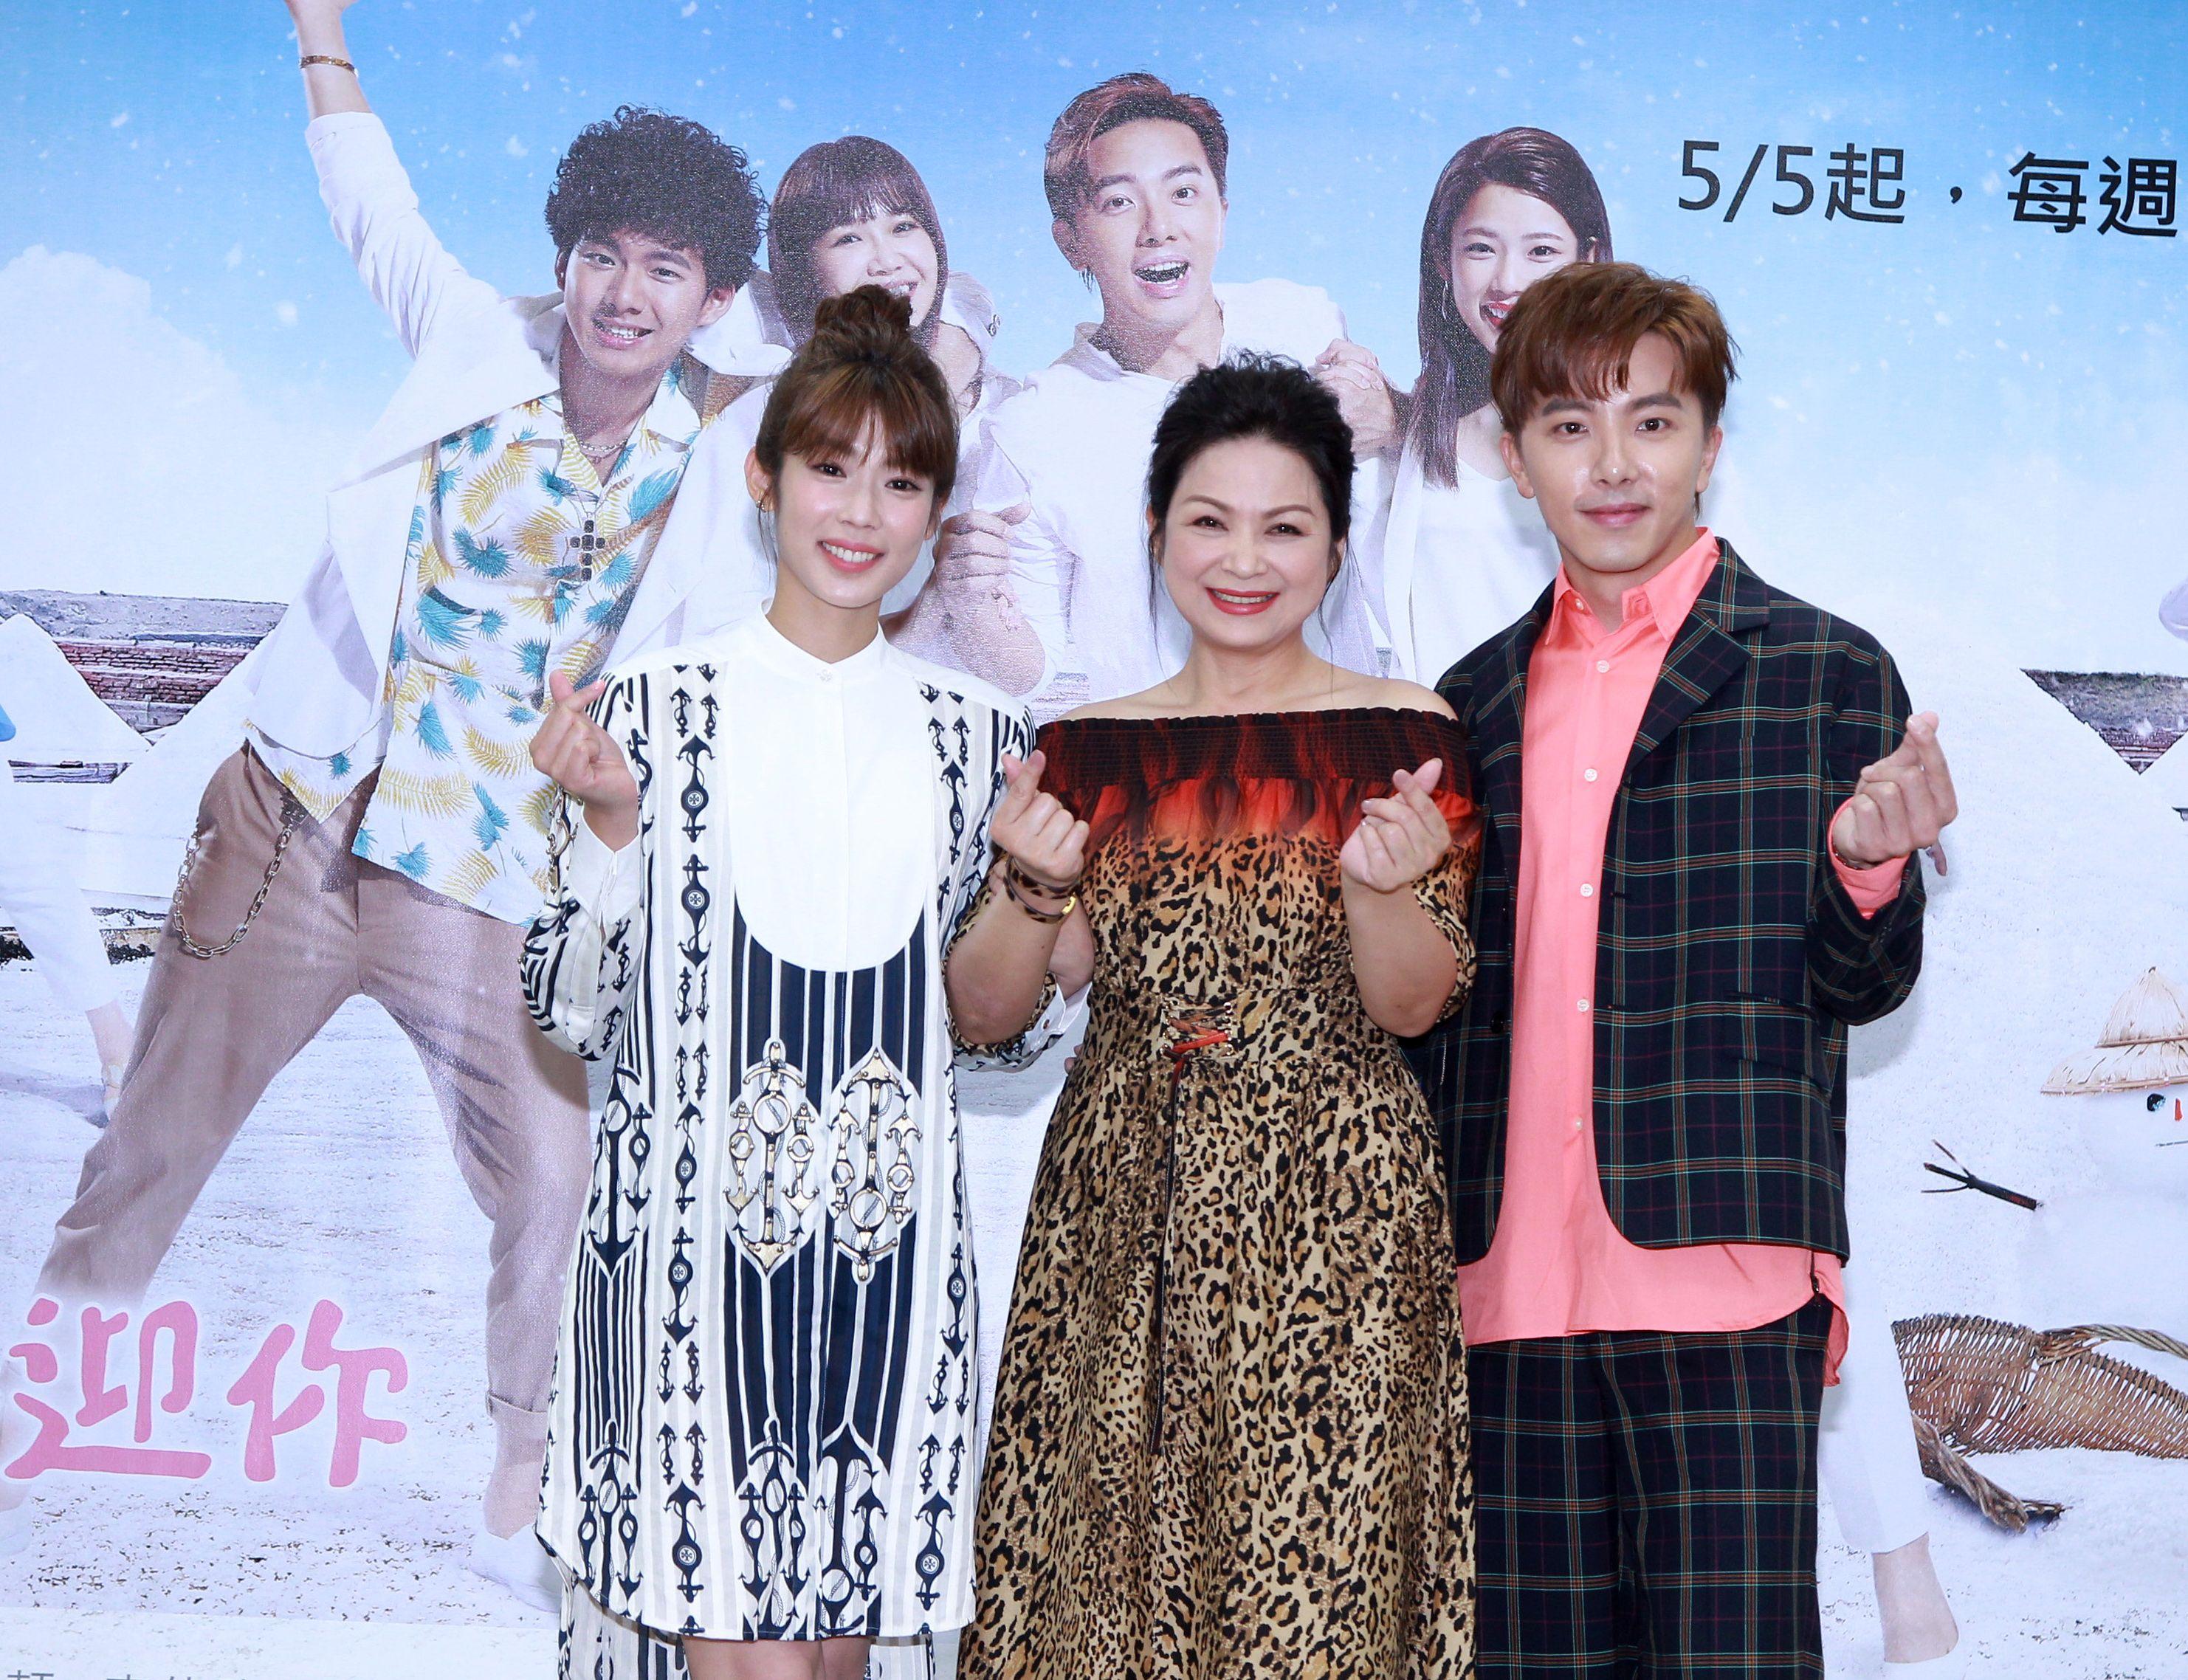 週日偶像劇「月村歡迎你」演員謝坤達、林思宇、楊貴媚。(記者邱榮吉/攝影)